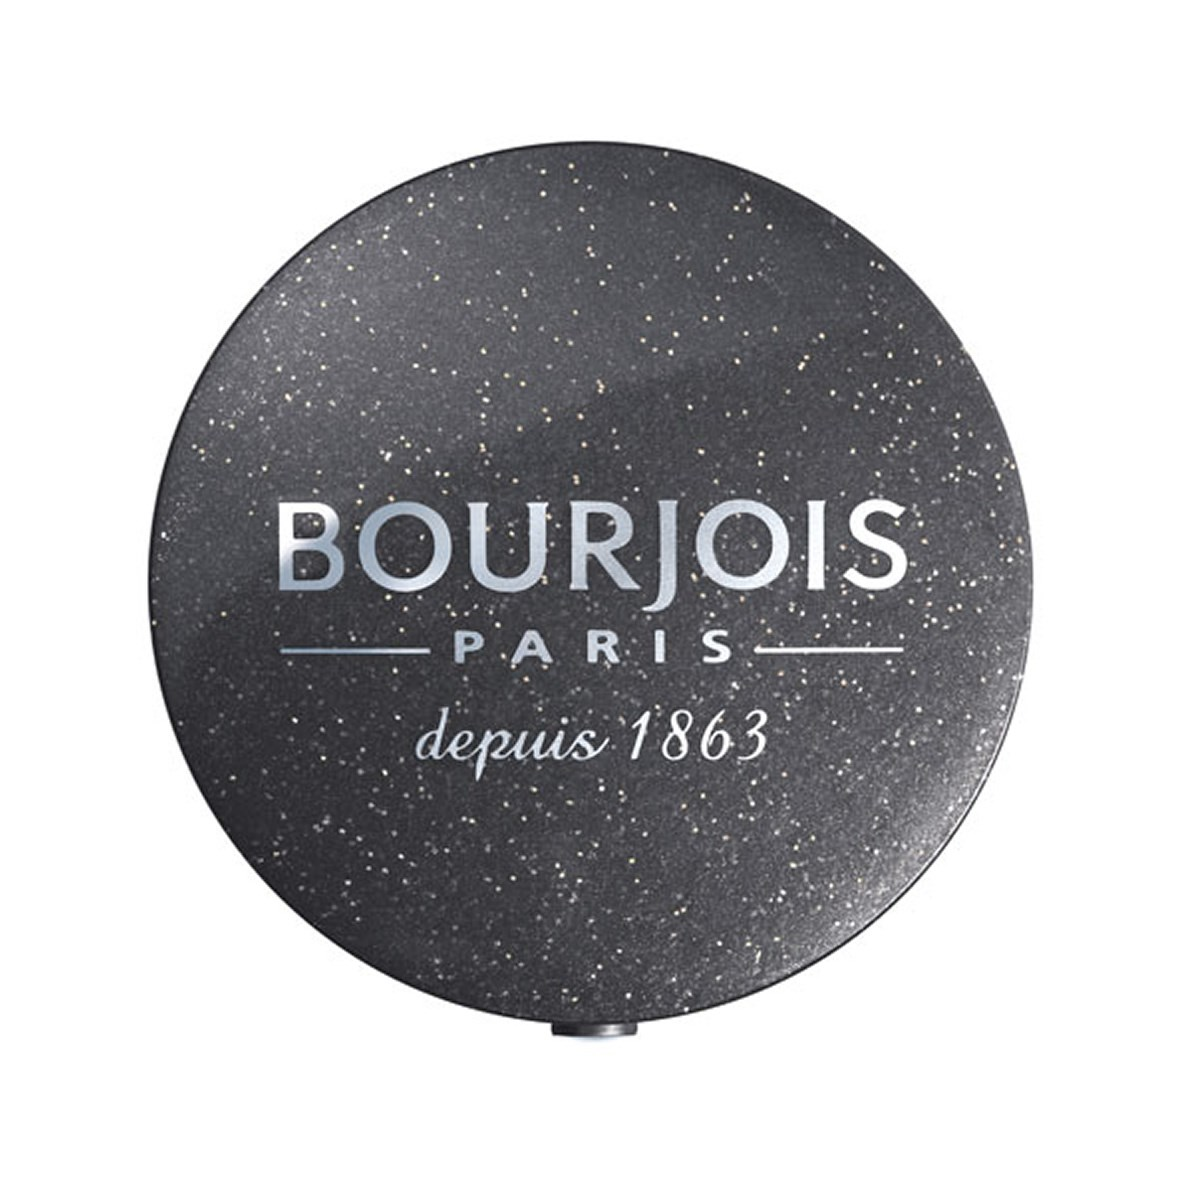 Bourjois Little Round Pot Eyeshadow 92 Glitter